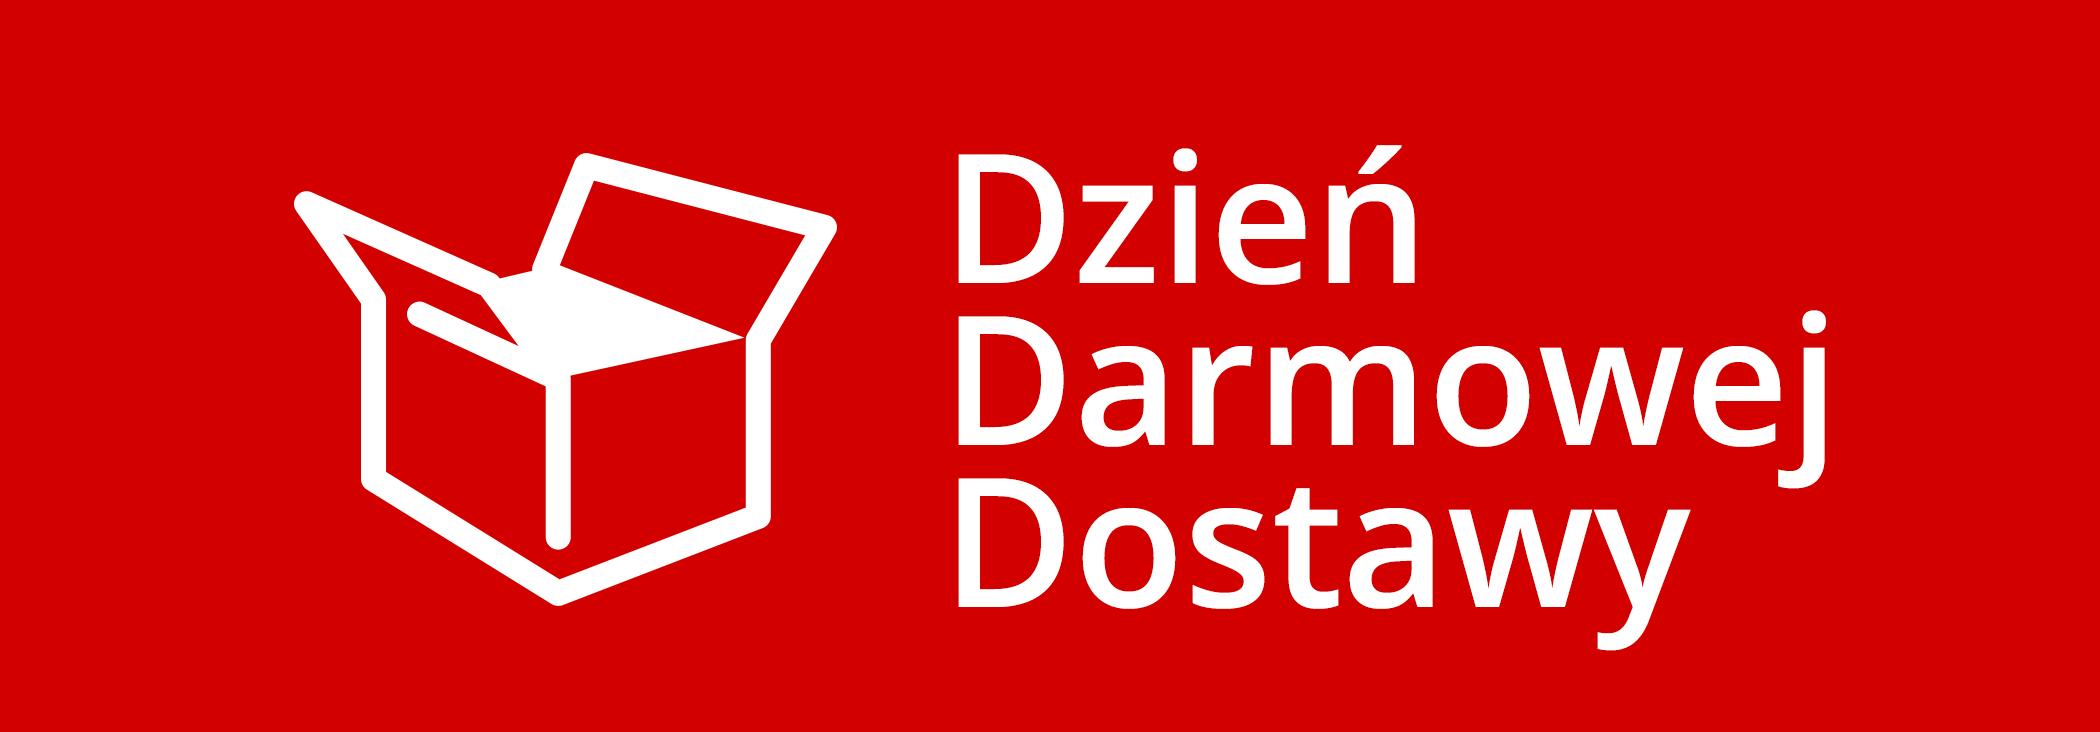 ddd-logo-2